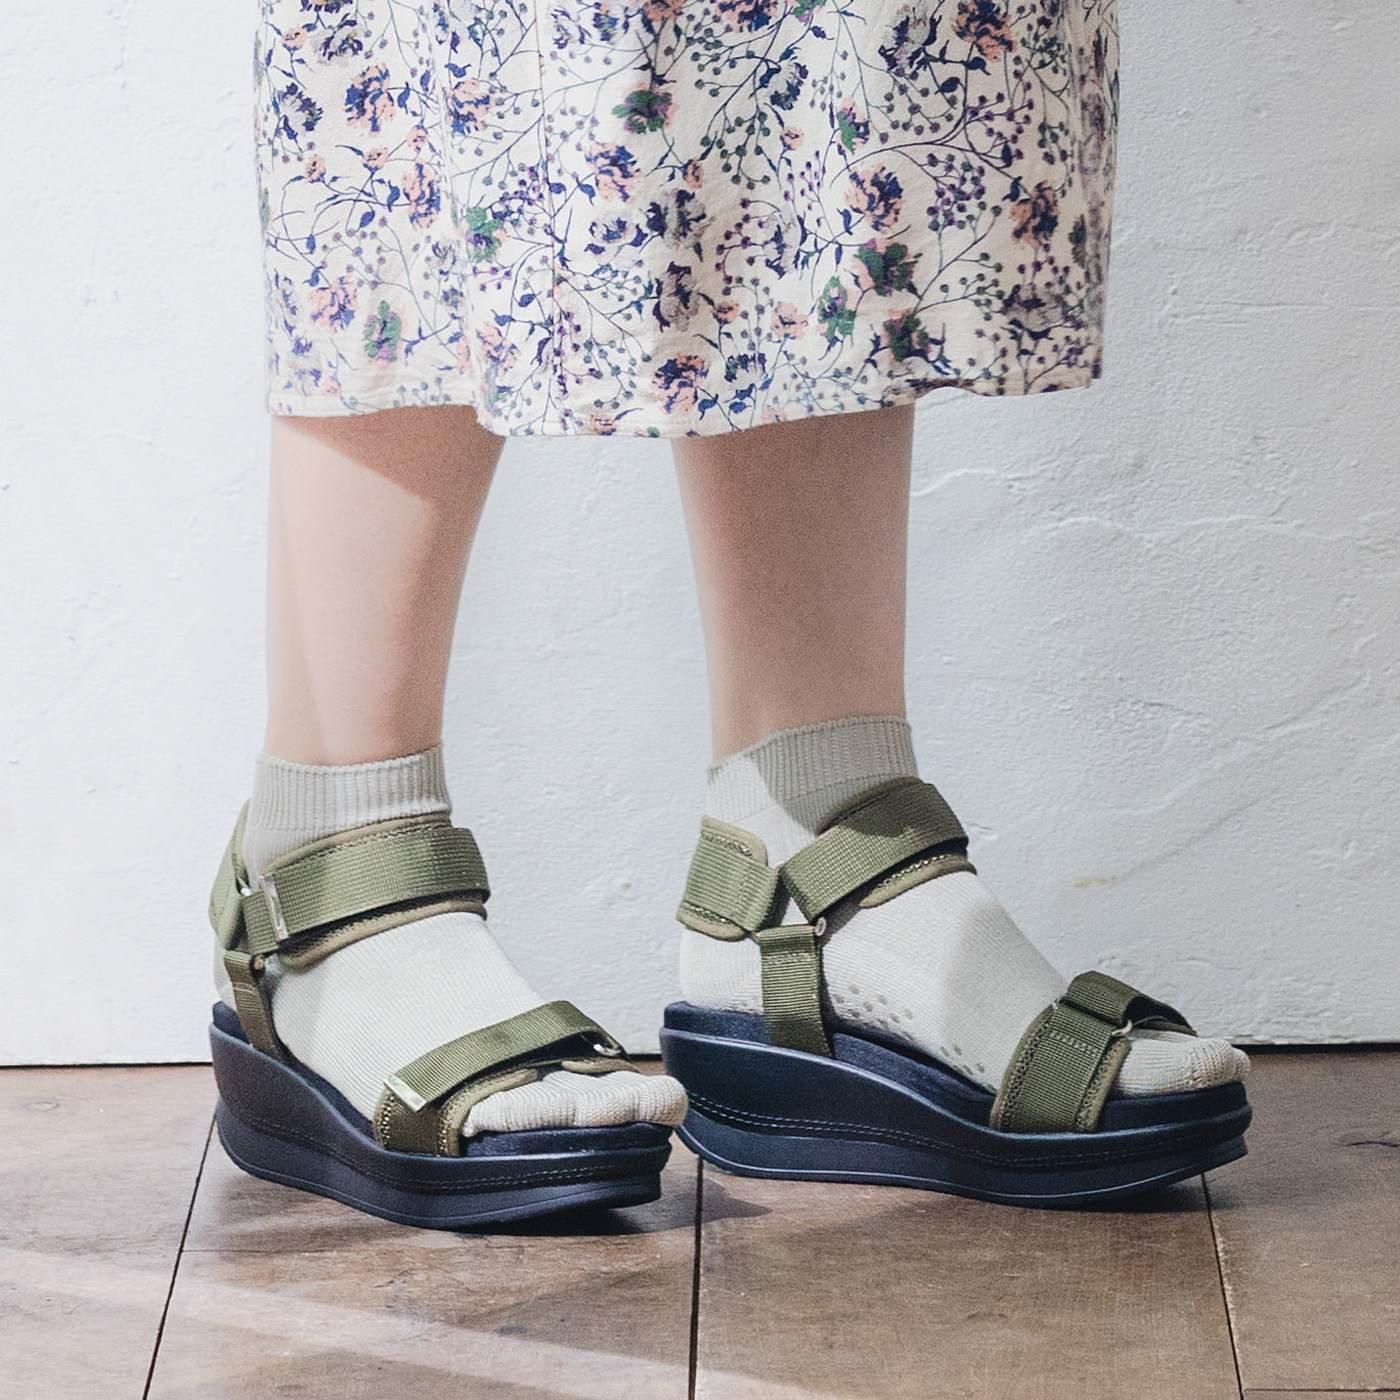 UP.de はき心地ふんわり 足をキレイに見せる シルク混隠れ5本指靴下の会